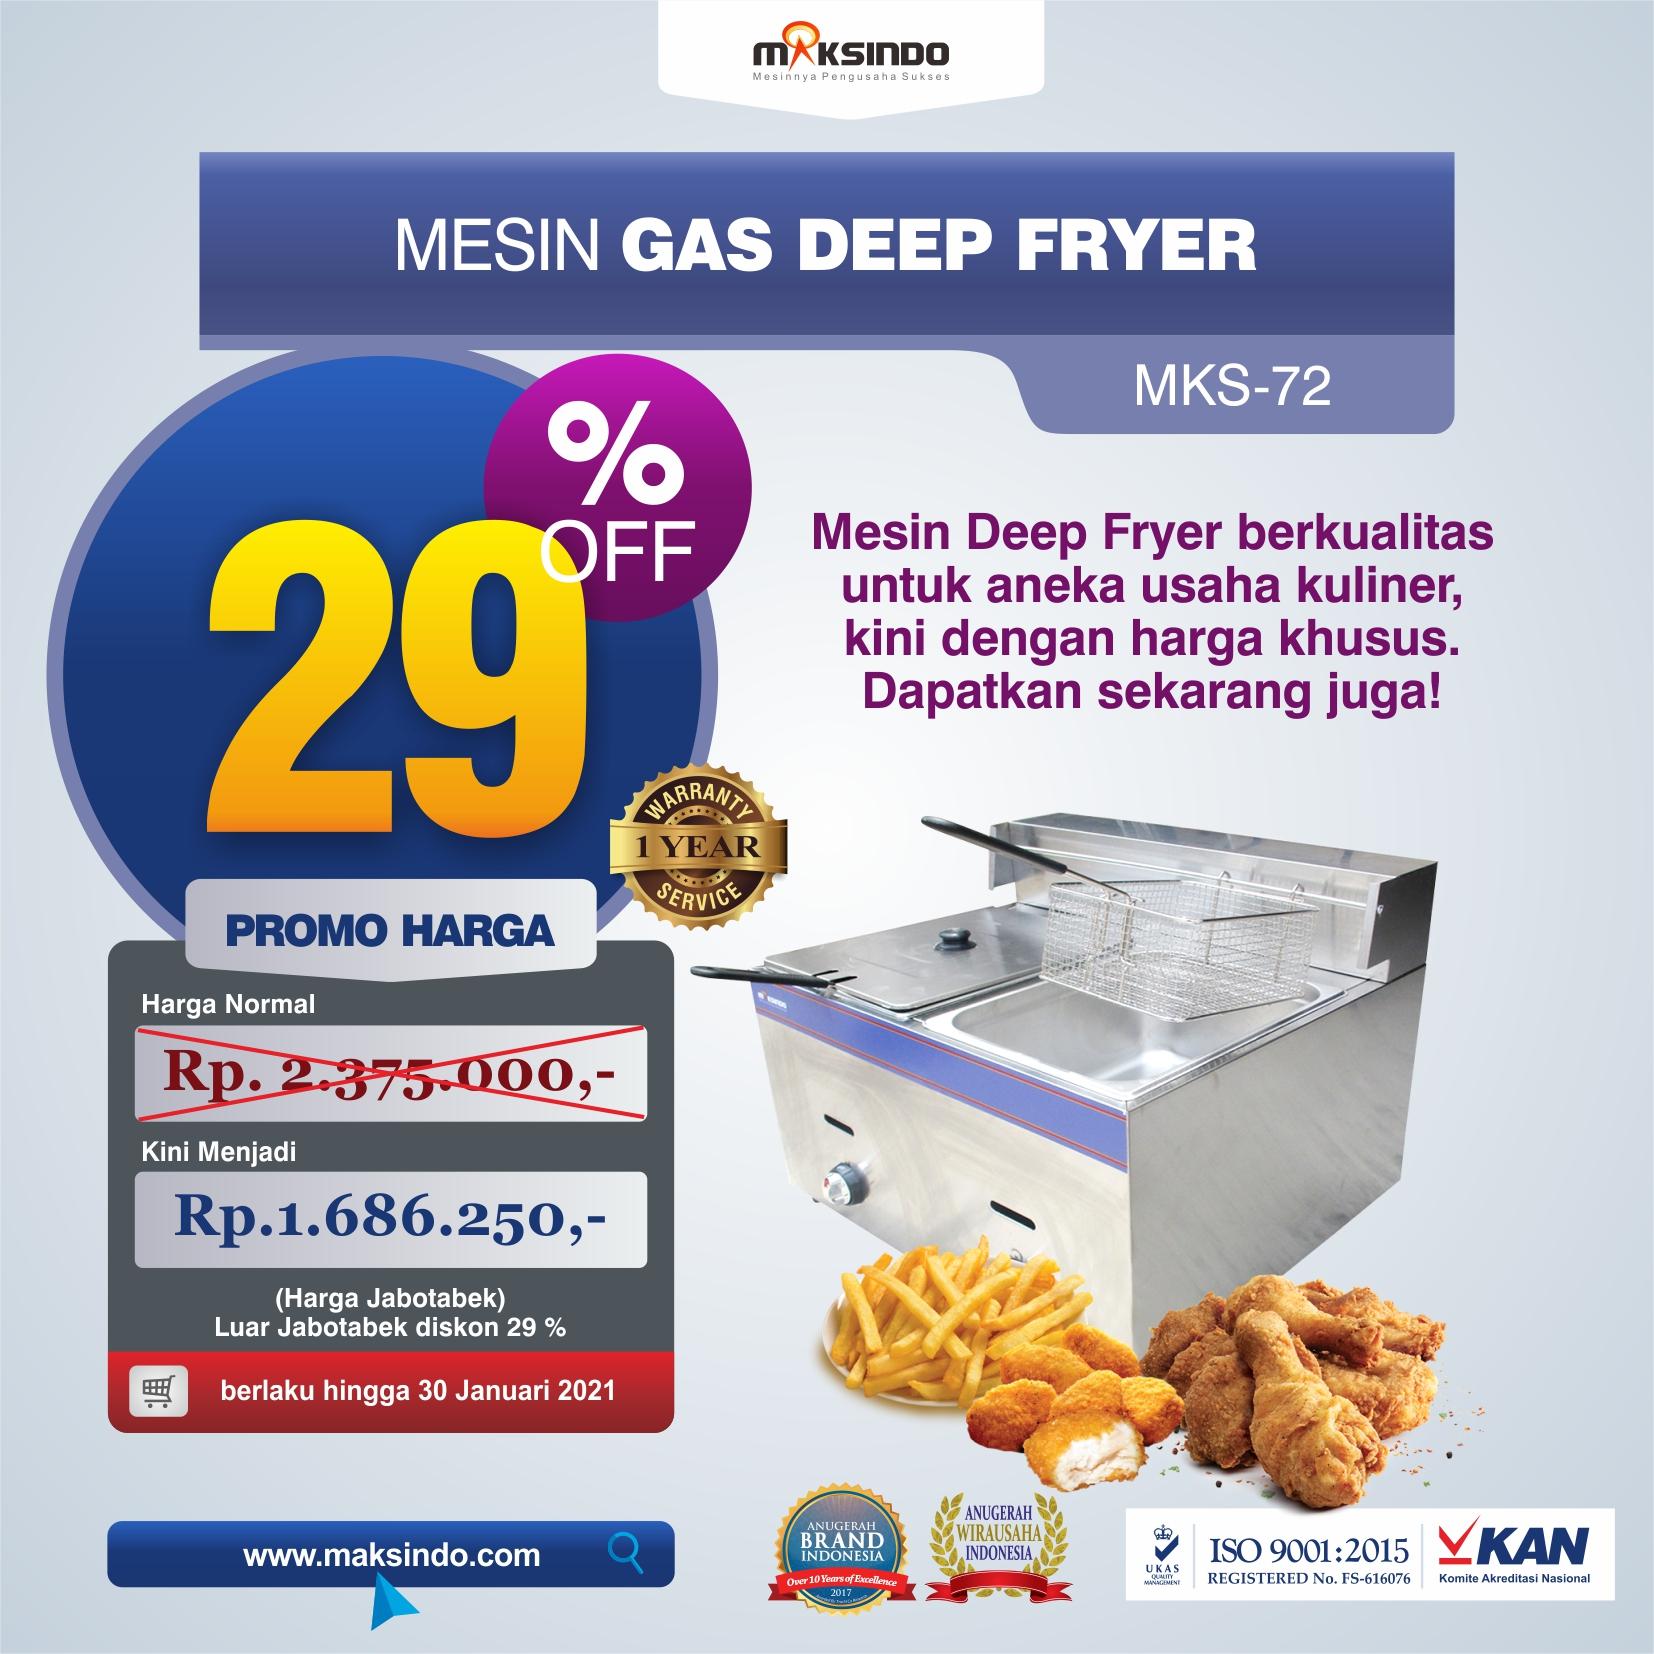 Jual Mesin Gas Deep Fryer MKS-72 di Tangerang